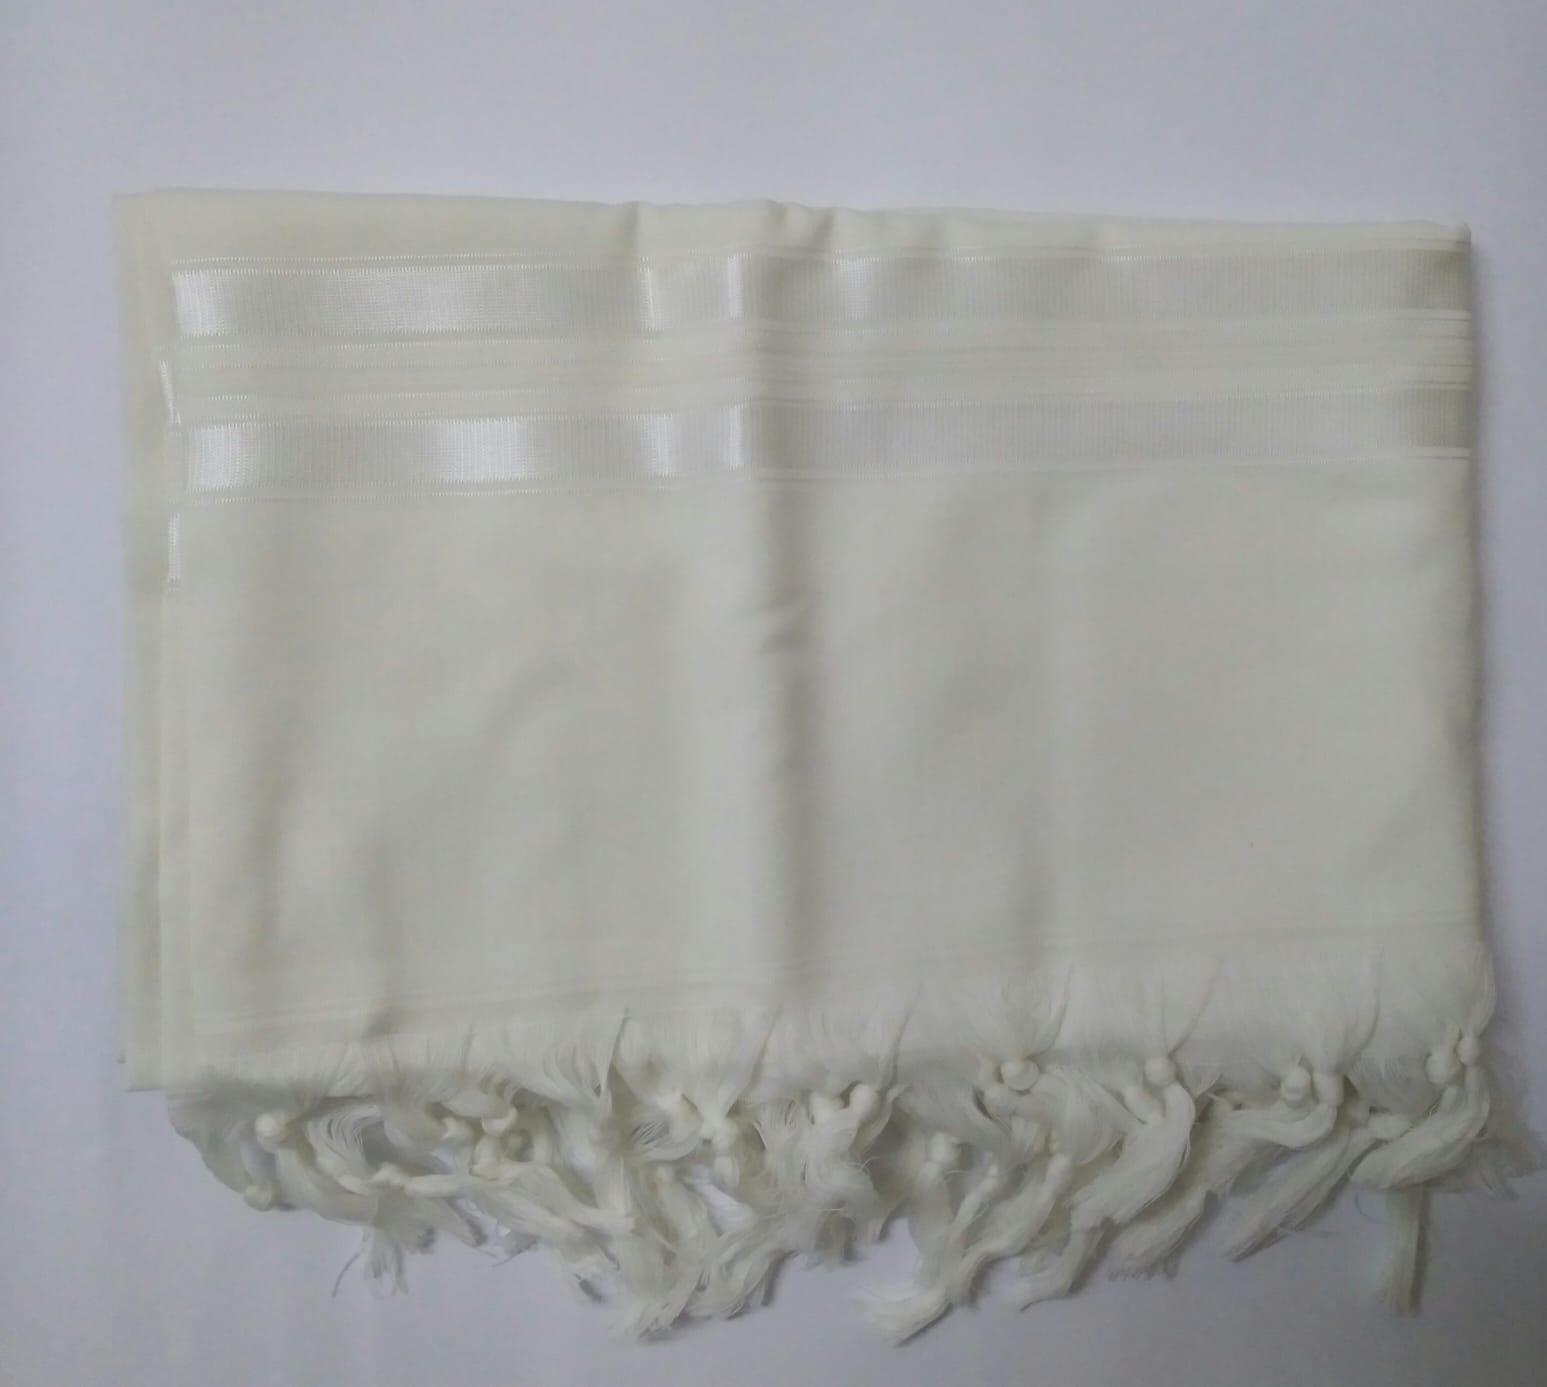 טלית צמר א.א מידה 55 פסים לבן